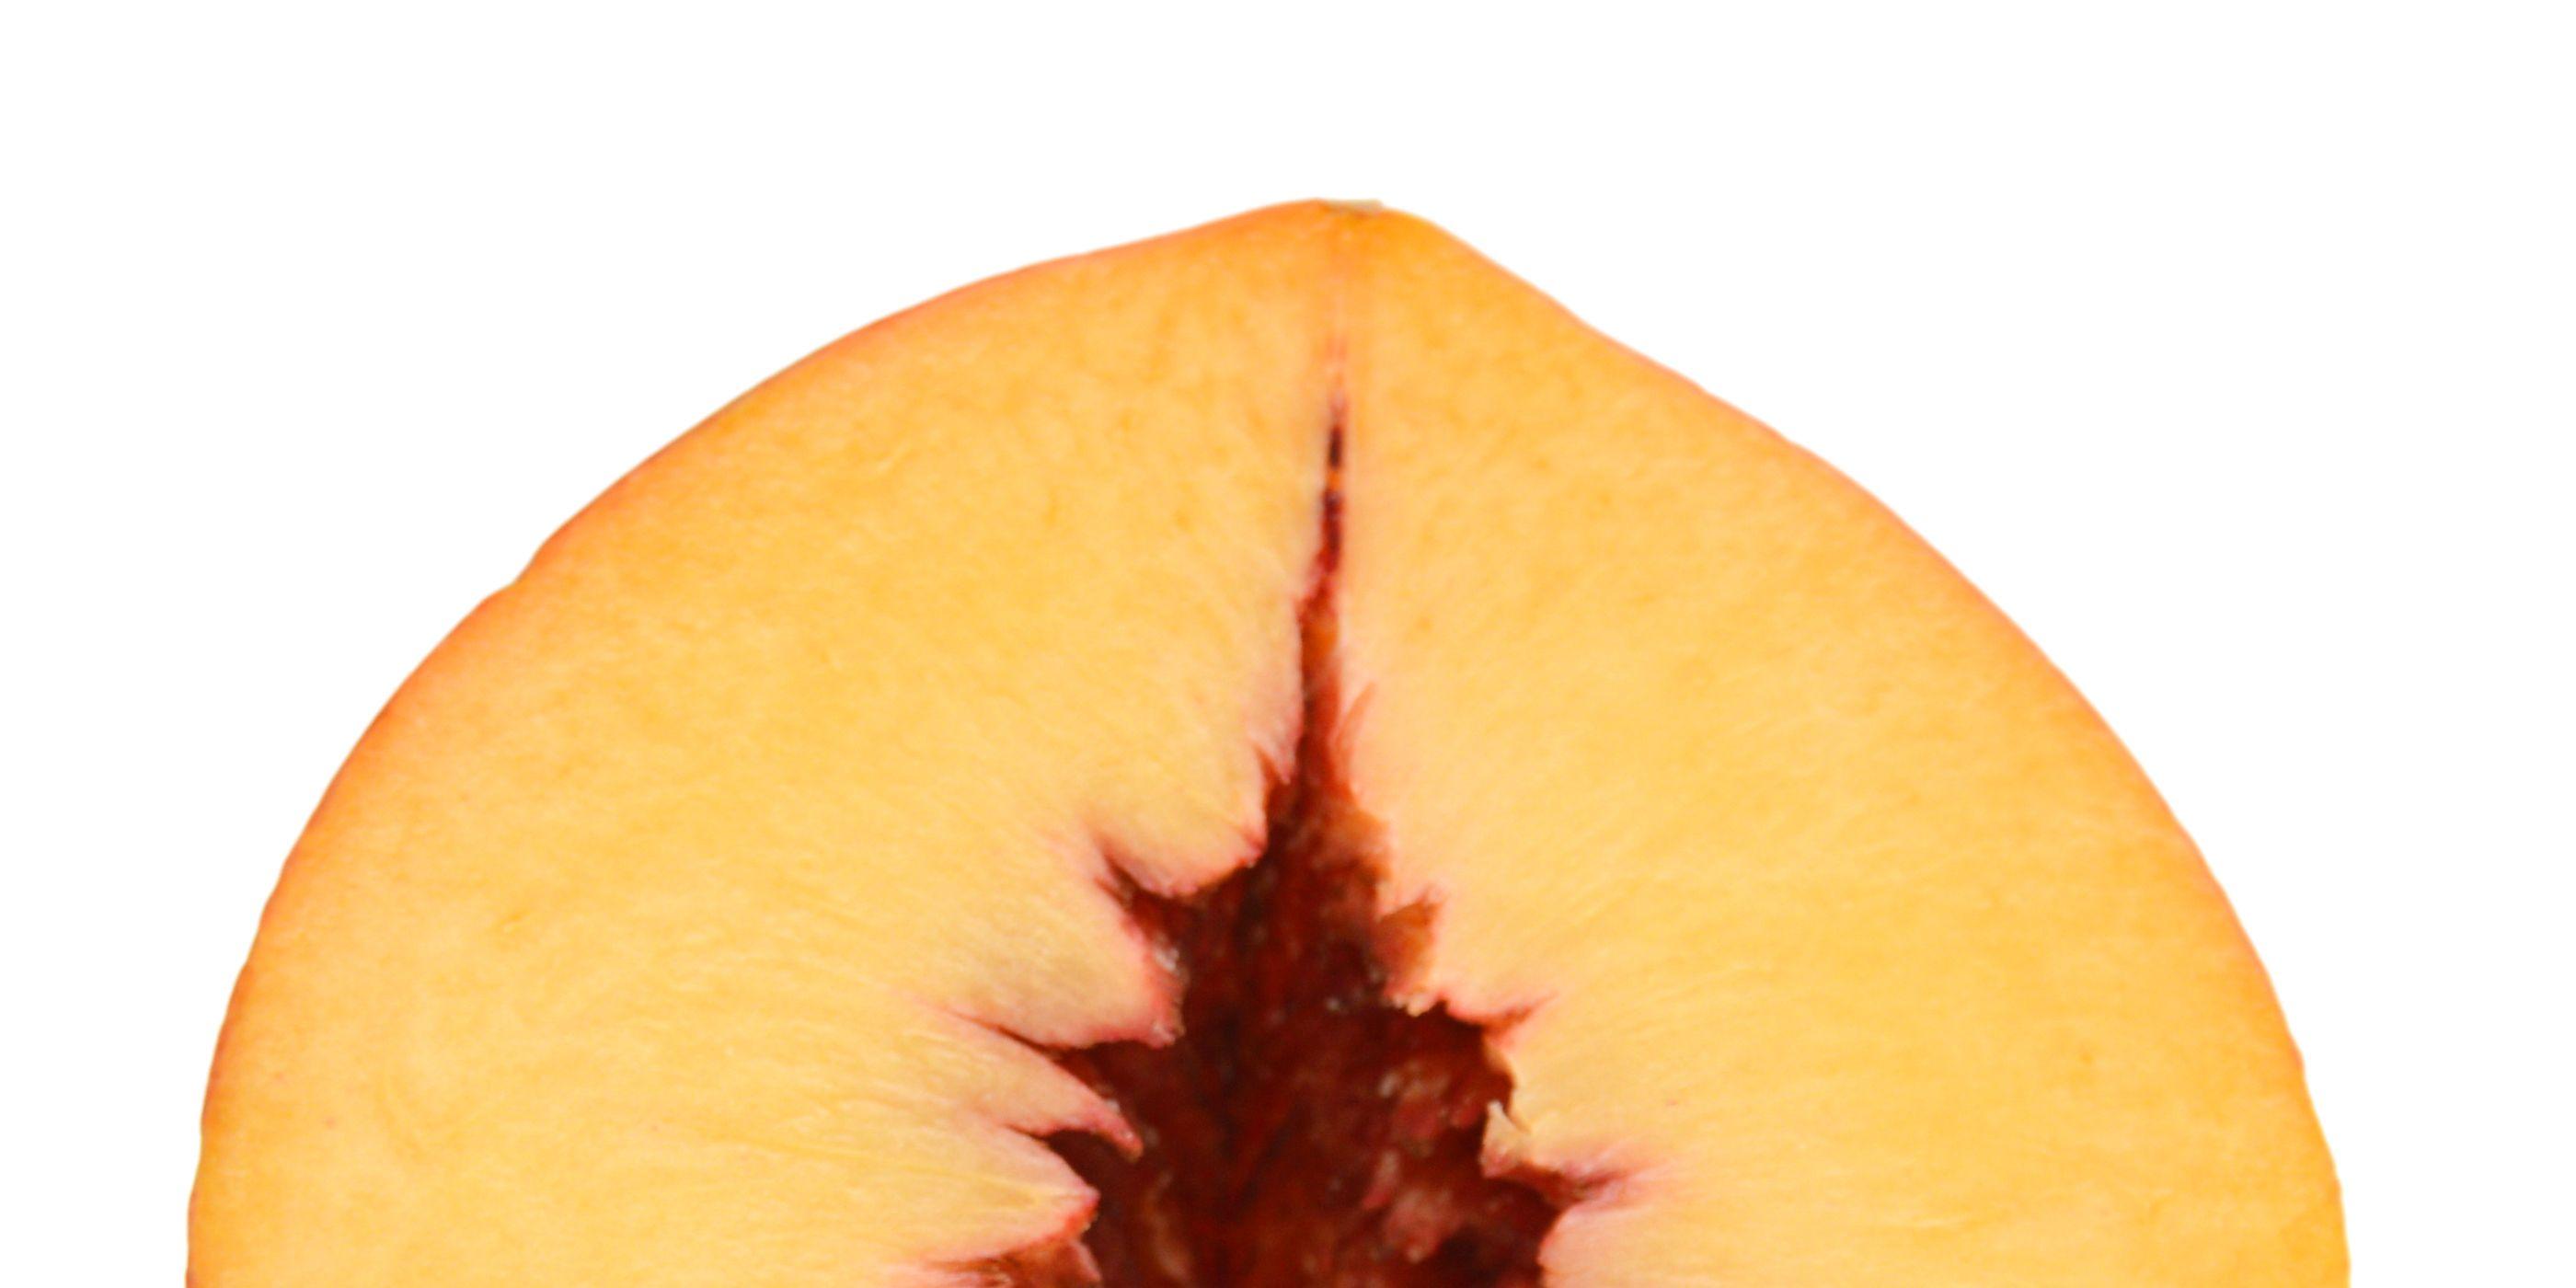 vagina normal